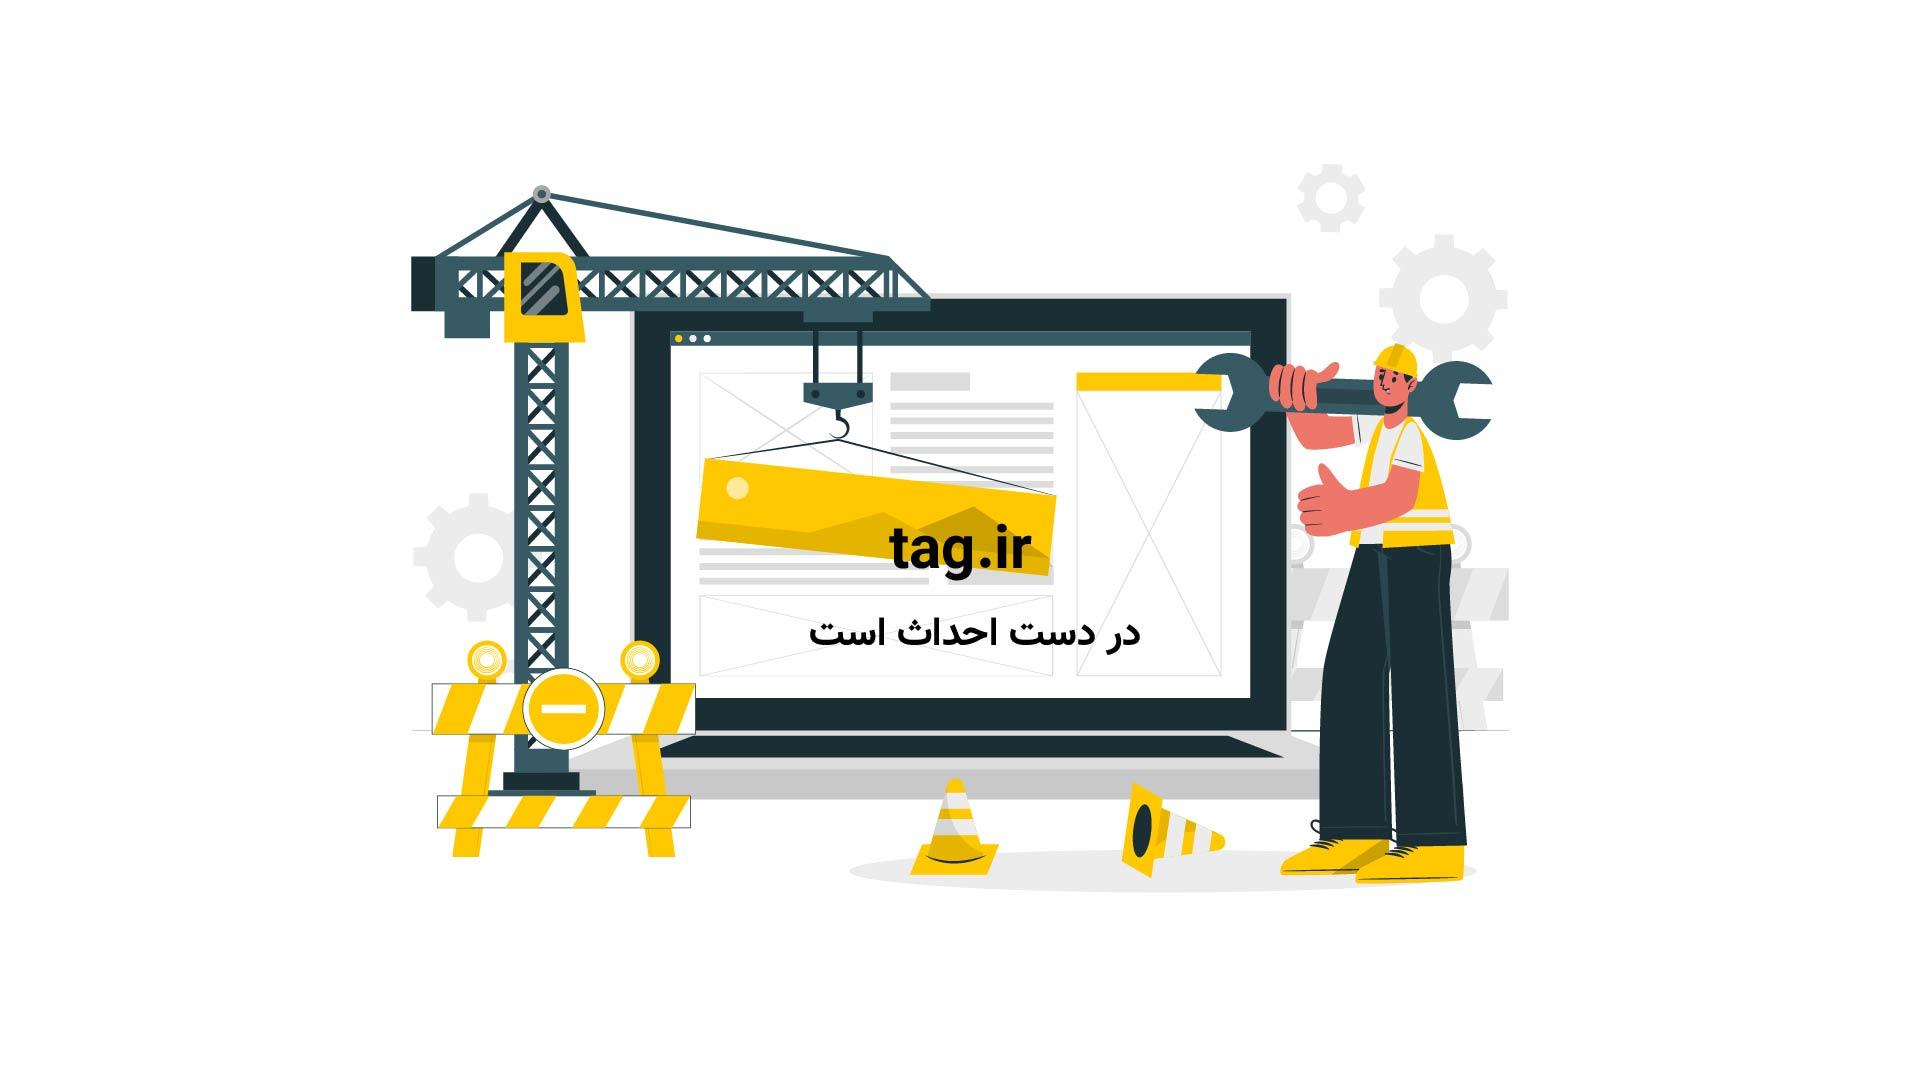 بزرگترین بمب غیراتمی | تگ